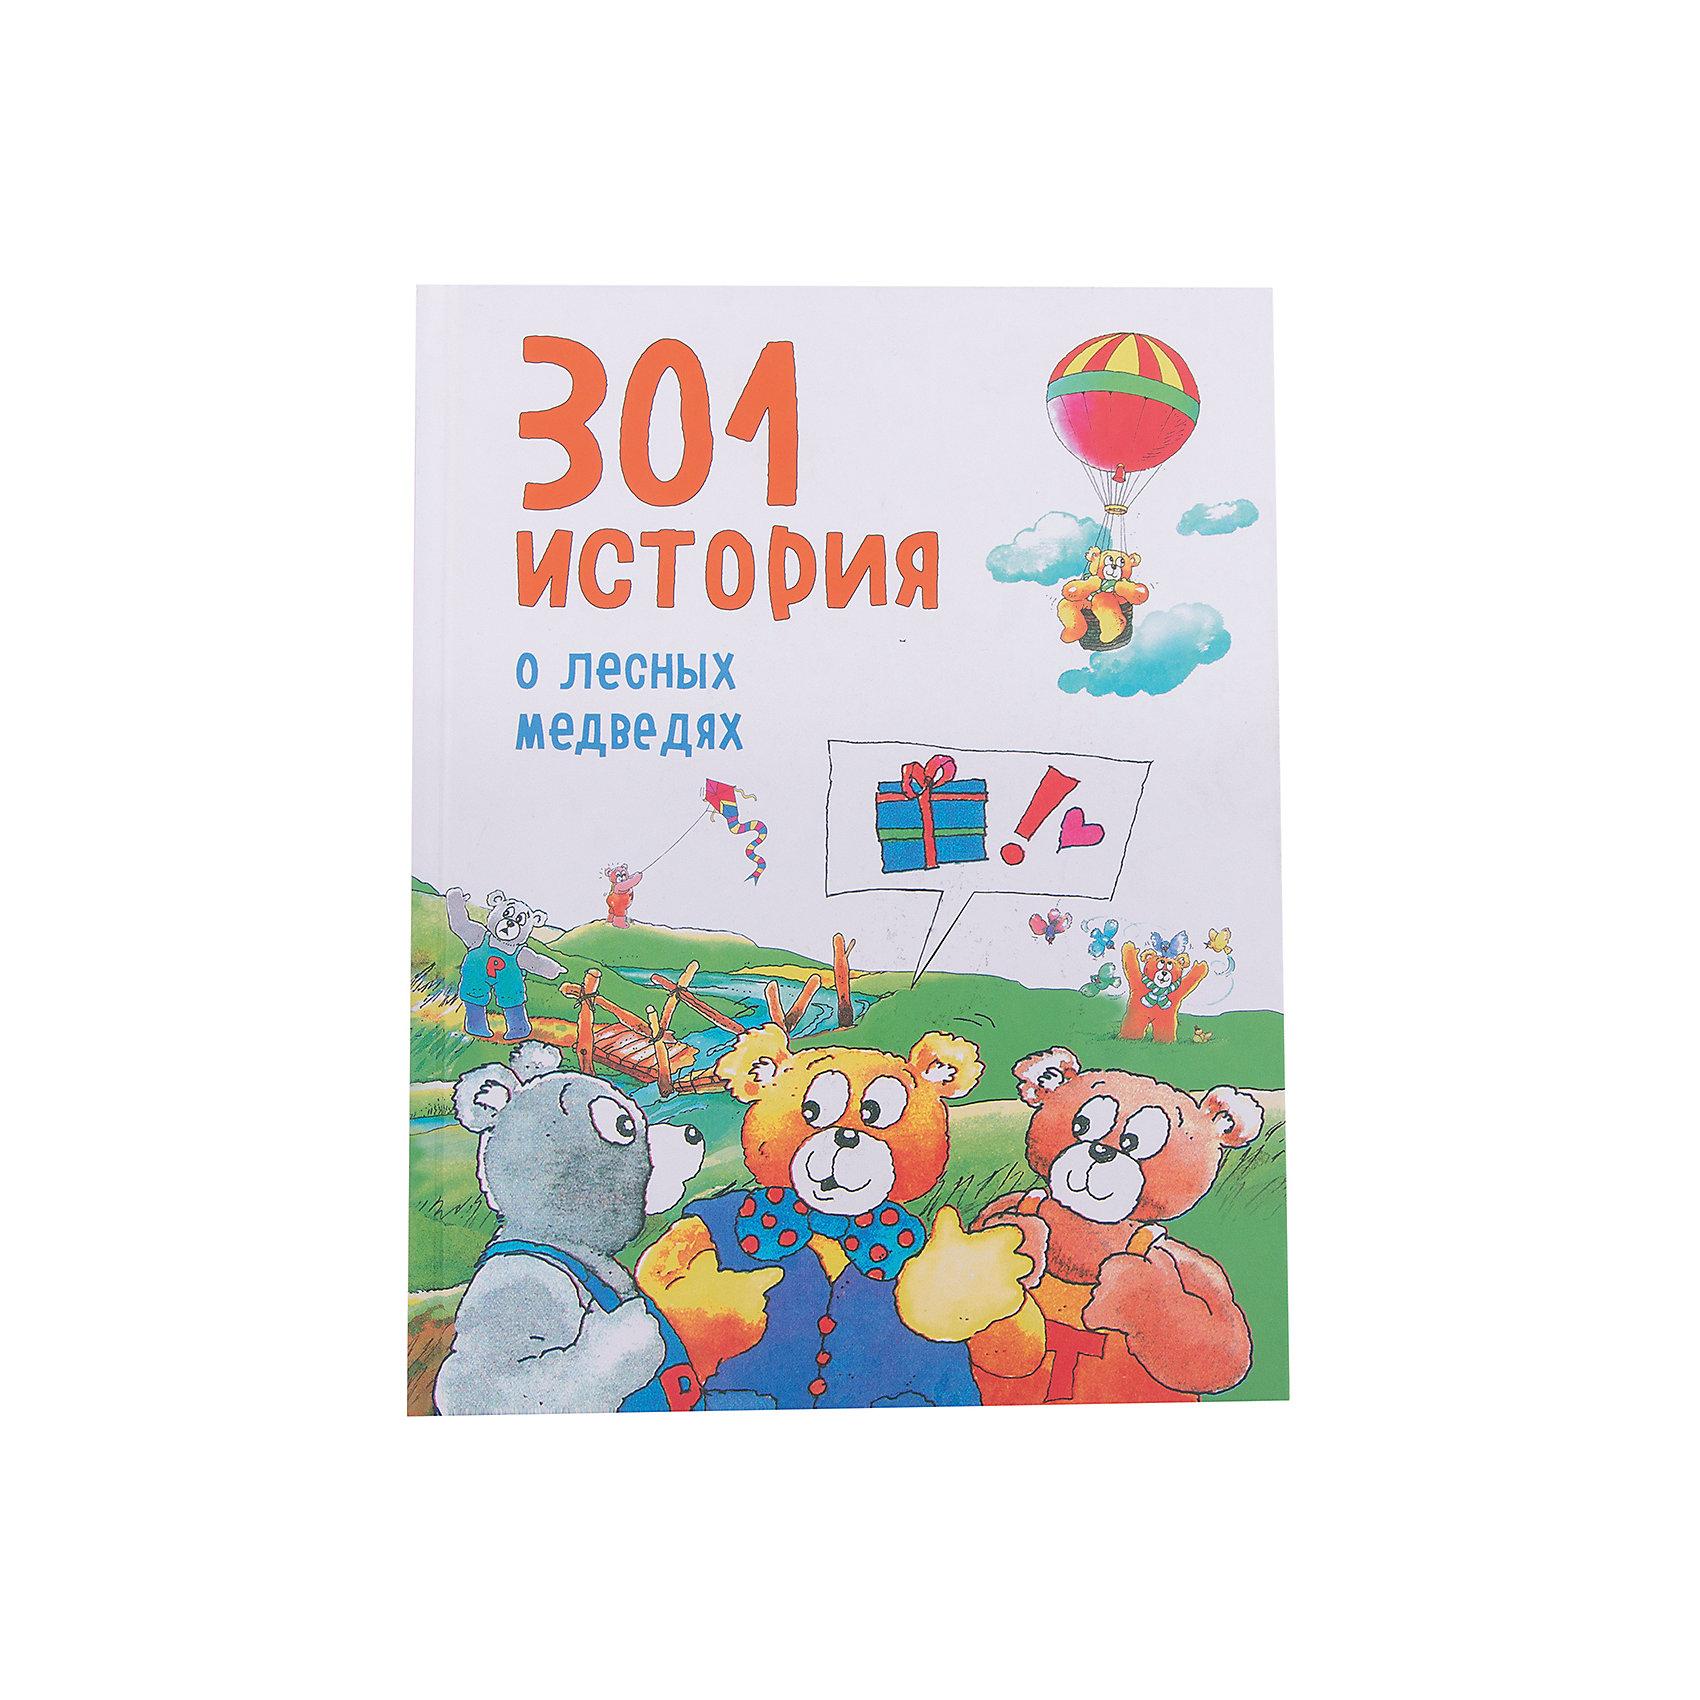 301 история о лесных медведяхКак жаль, что сказки кончаются! Полюбившихся героев не хочется отпускать, закрывая тонкую книжку на последней странице. Наши сказки перед сном - это возможность найти новых любимых друзей среди персонажей историй и прожить с ними долго-долго - целый год, потому что каждая книга - это забавная сказка с продолжением. Детям понравятся добрые и поучительные сказки, разбитые на маленькие истории, которые можно читать с бабушками и дедушками, мамами и папами. <br>Для детей 4-5 лет, для чтения взрослыми детям.<br><br>Ширина мм: 255<br>Глубина мм: 197<br>Высота мм: 200<br>Вес г: 926<br>Возраст от месяцев: 36<br>Возраст до месяцев: 2147483647<br>Пол: Унисекс<br>Возраст: Детский<br>SKU: 5535452